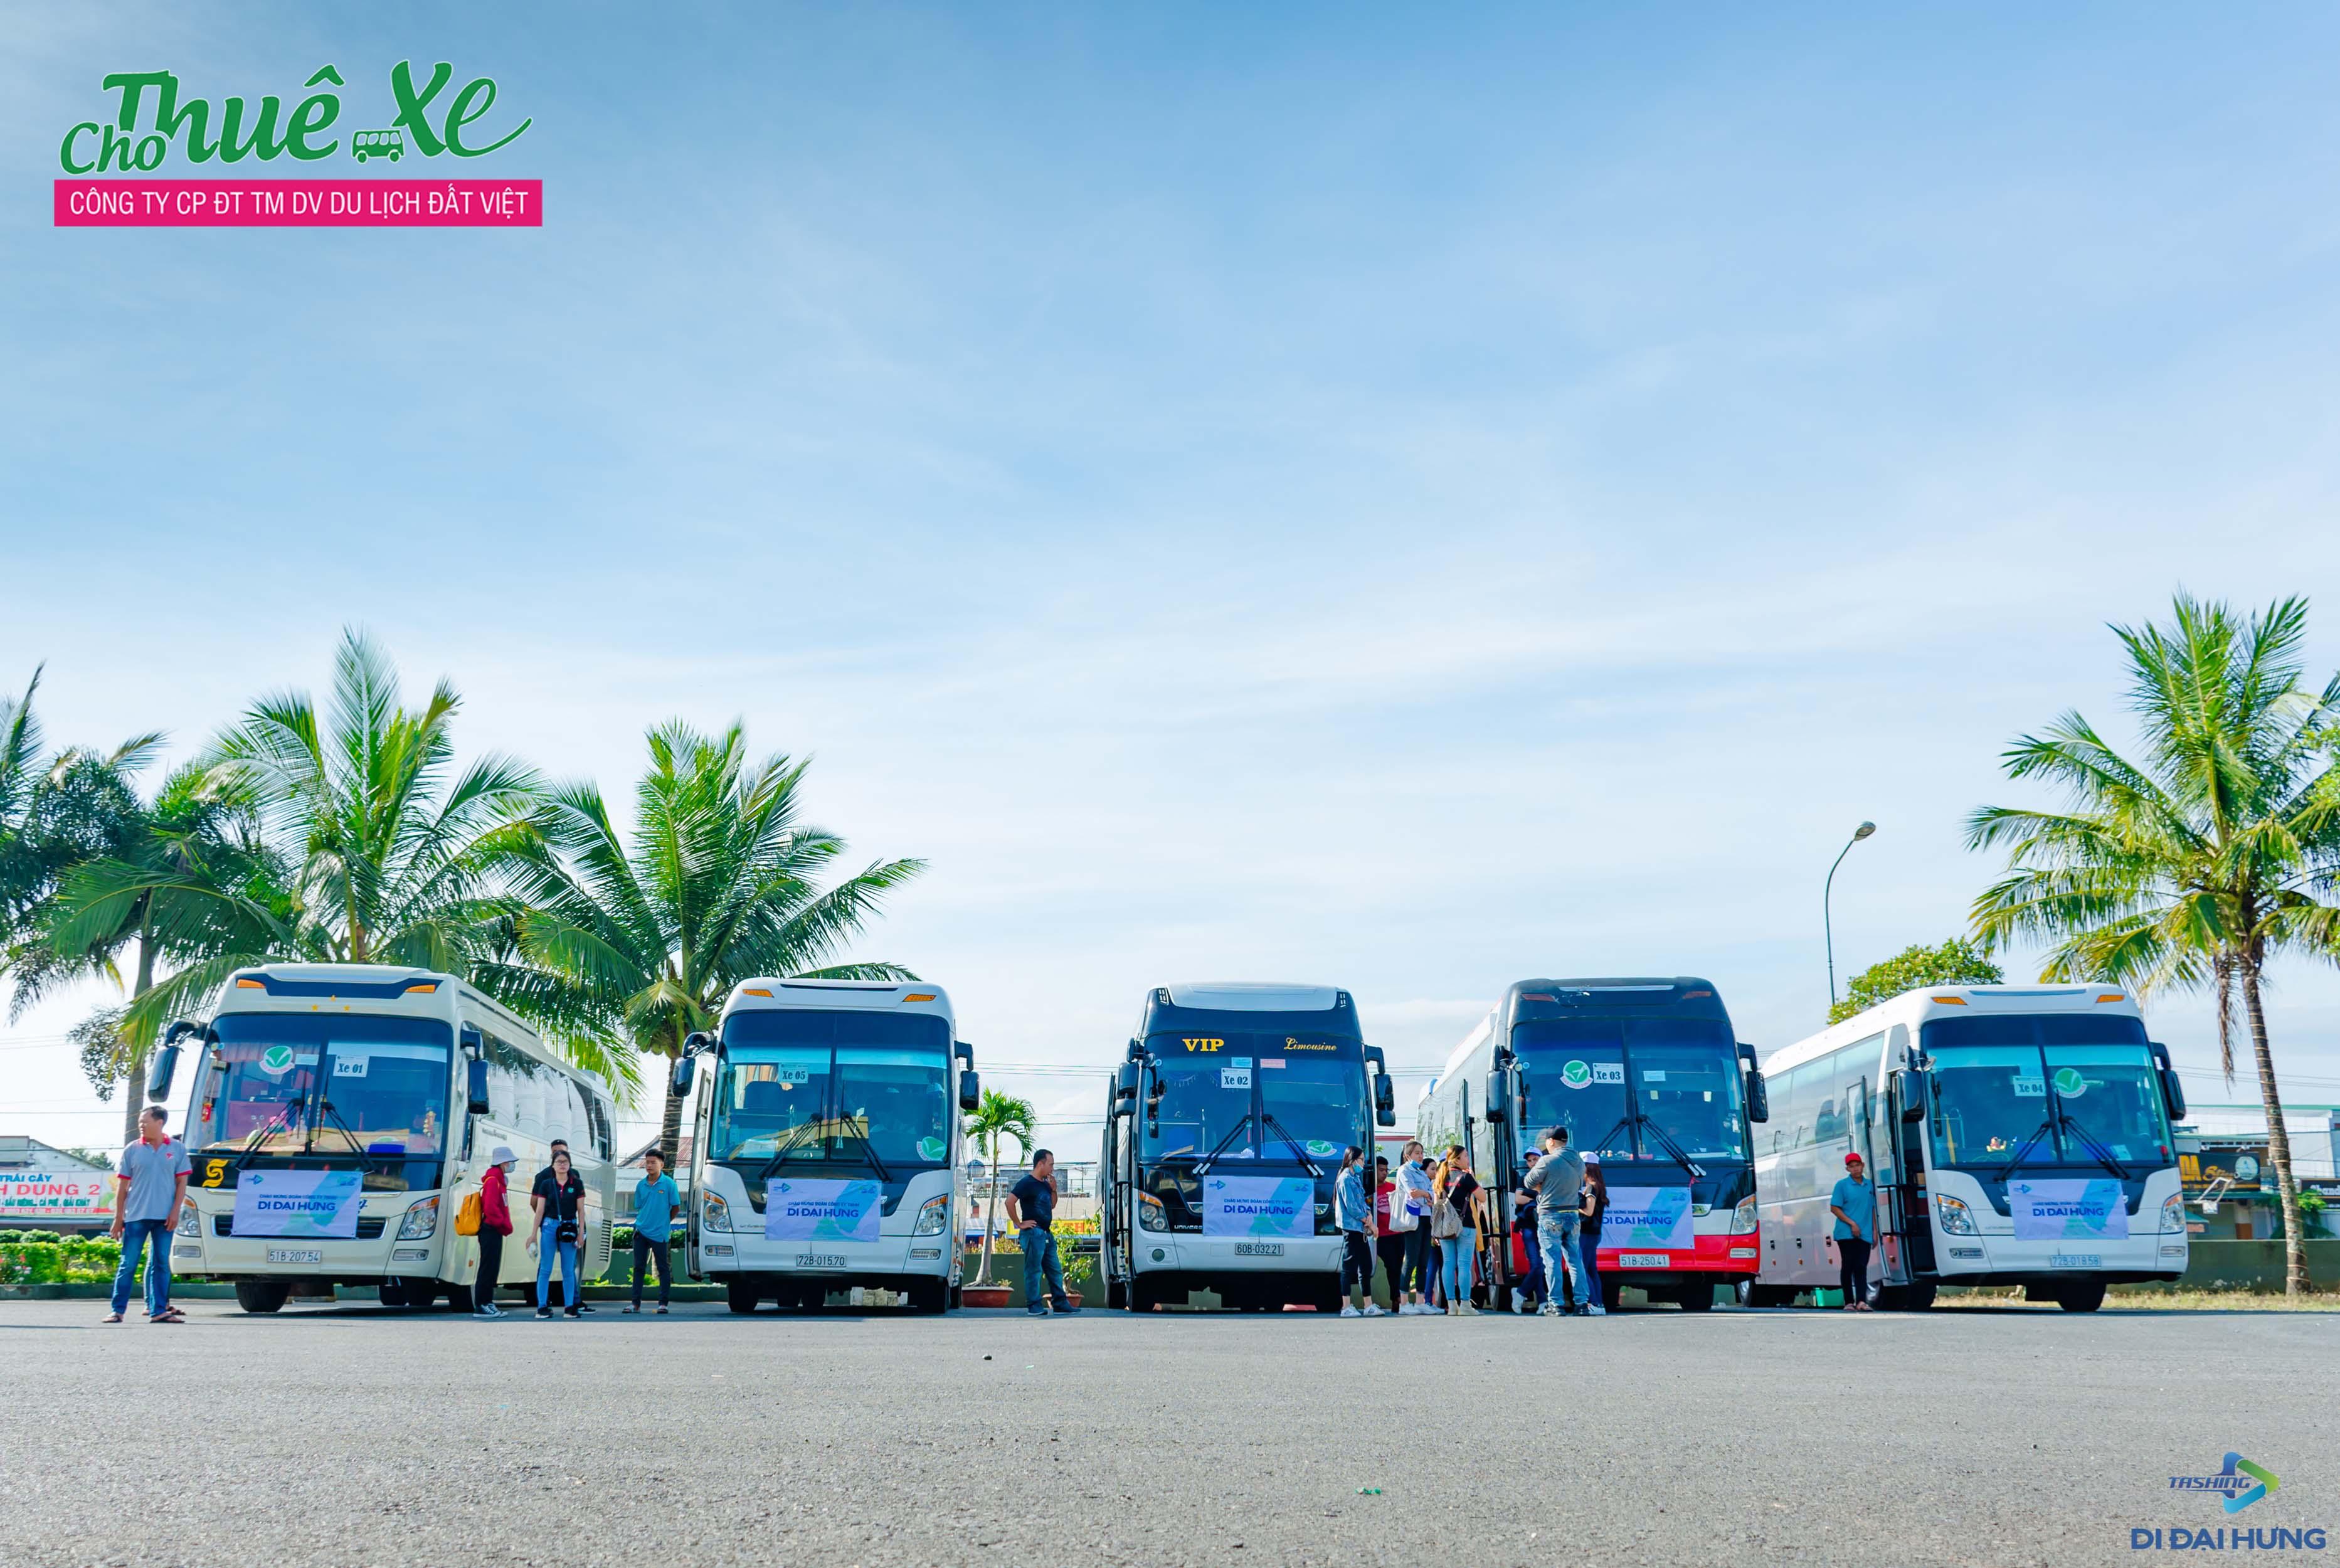 Dịch vụ thuê xe du lịch giá rẻ ở đâu tốt, chất lượng và an toàn? - ảnh 1